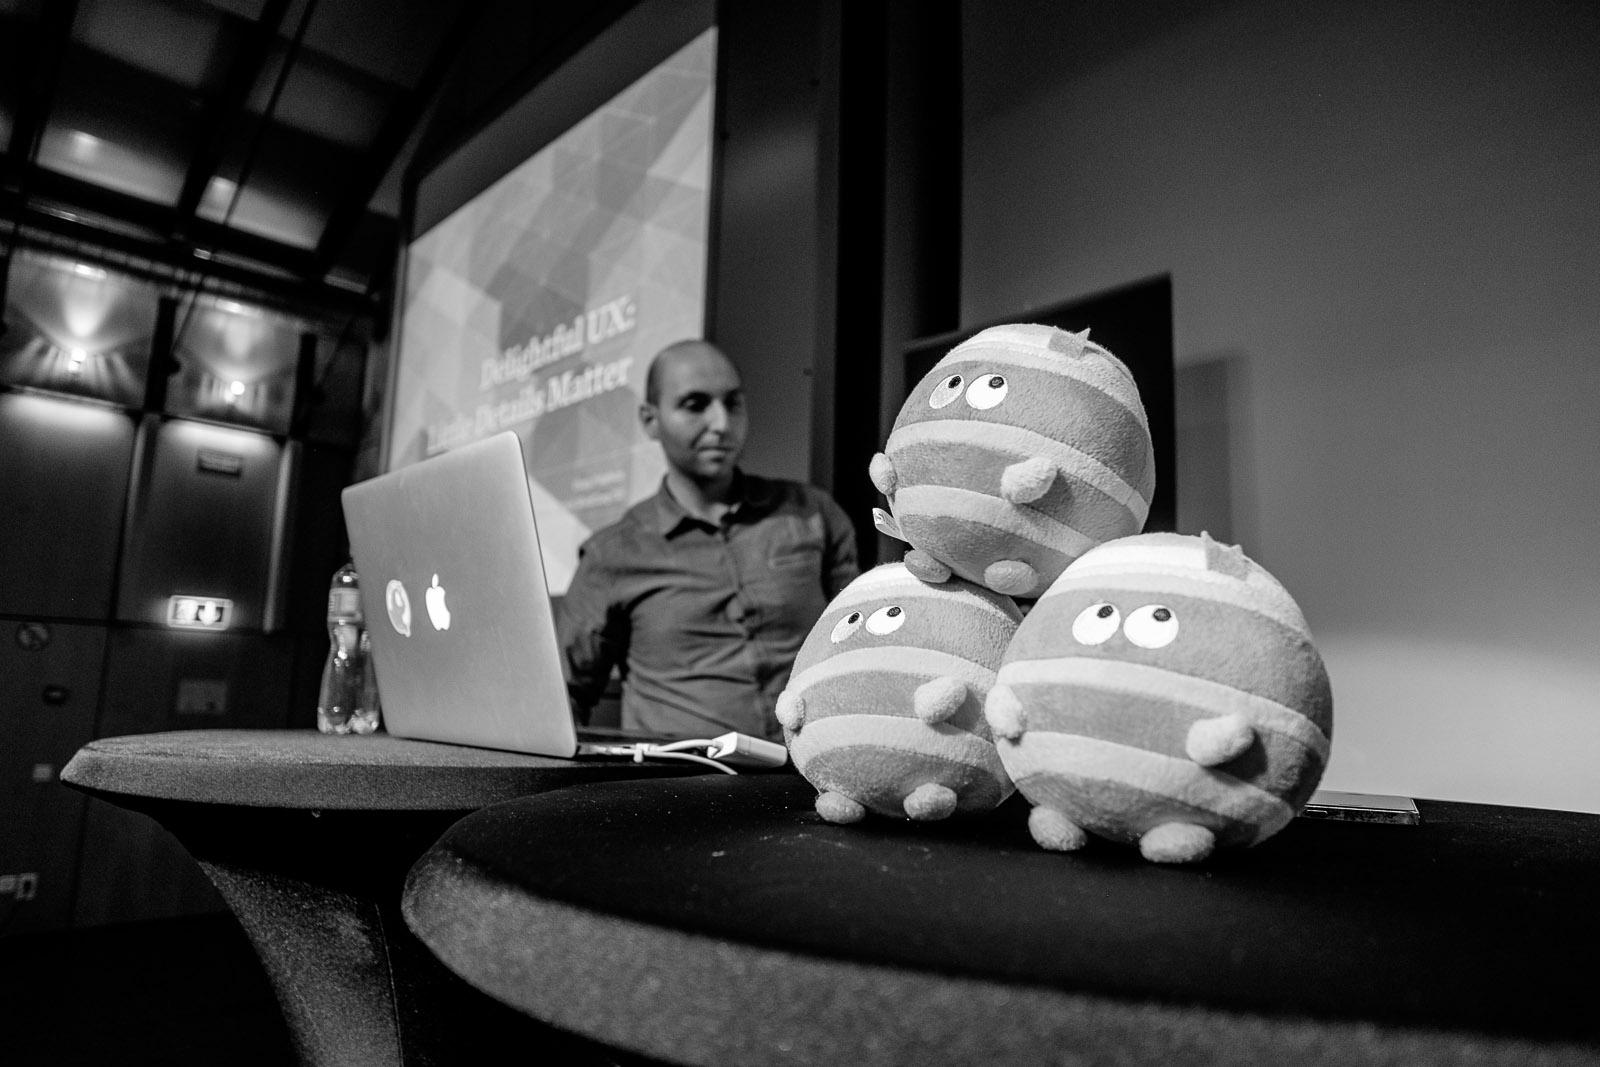 Photo Report of WordCamp Switzerland 2014 by Florian Ziegler